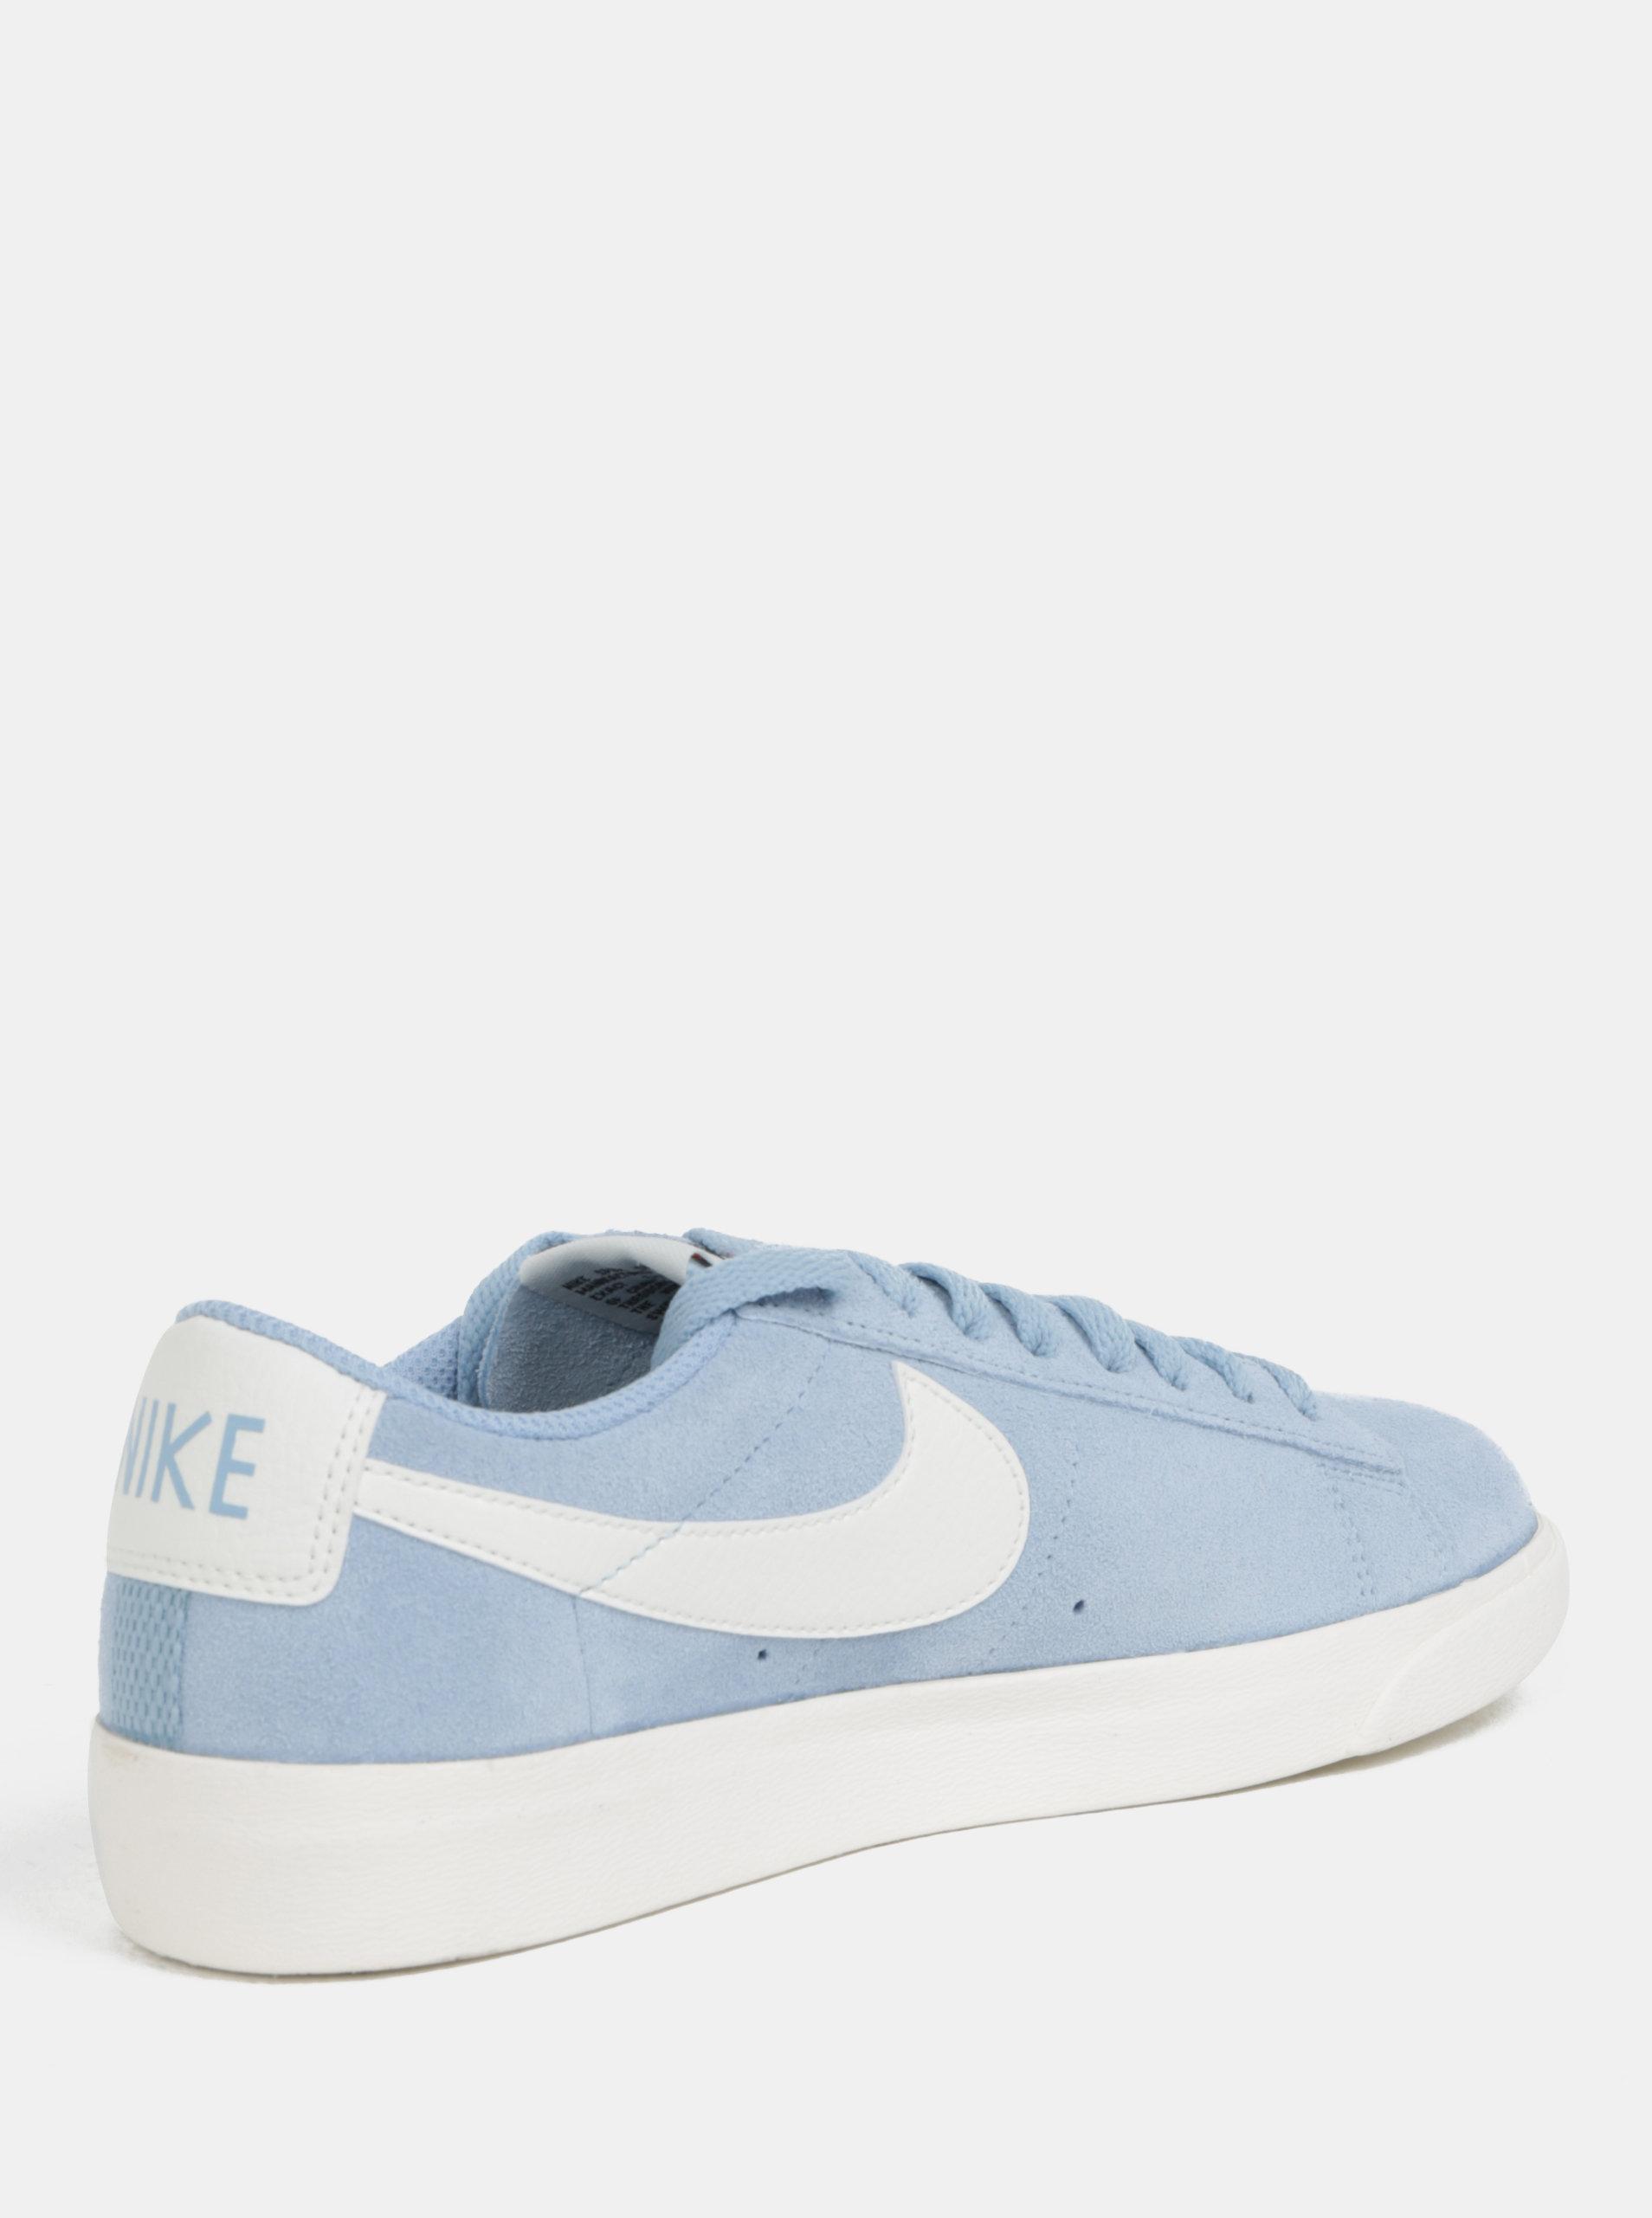 4fc430893a5 Světle modré dámské semišové tenisky Nike Blazer Low ...